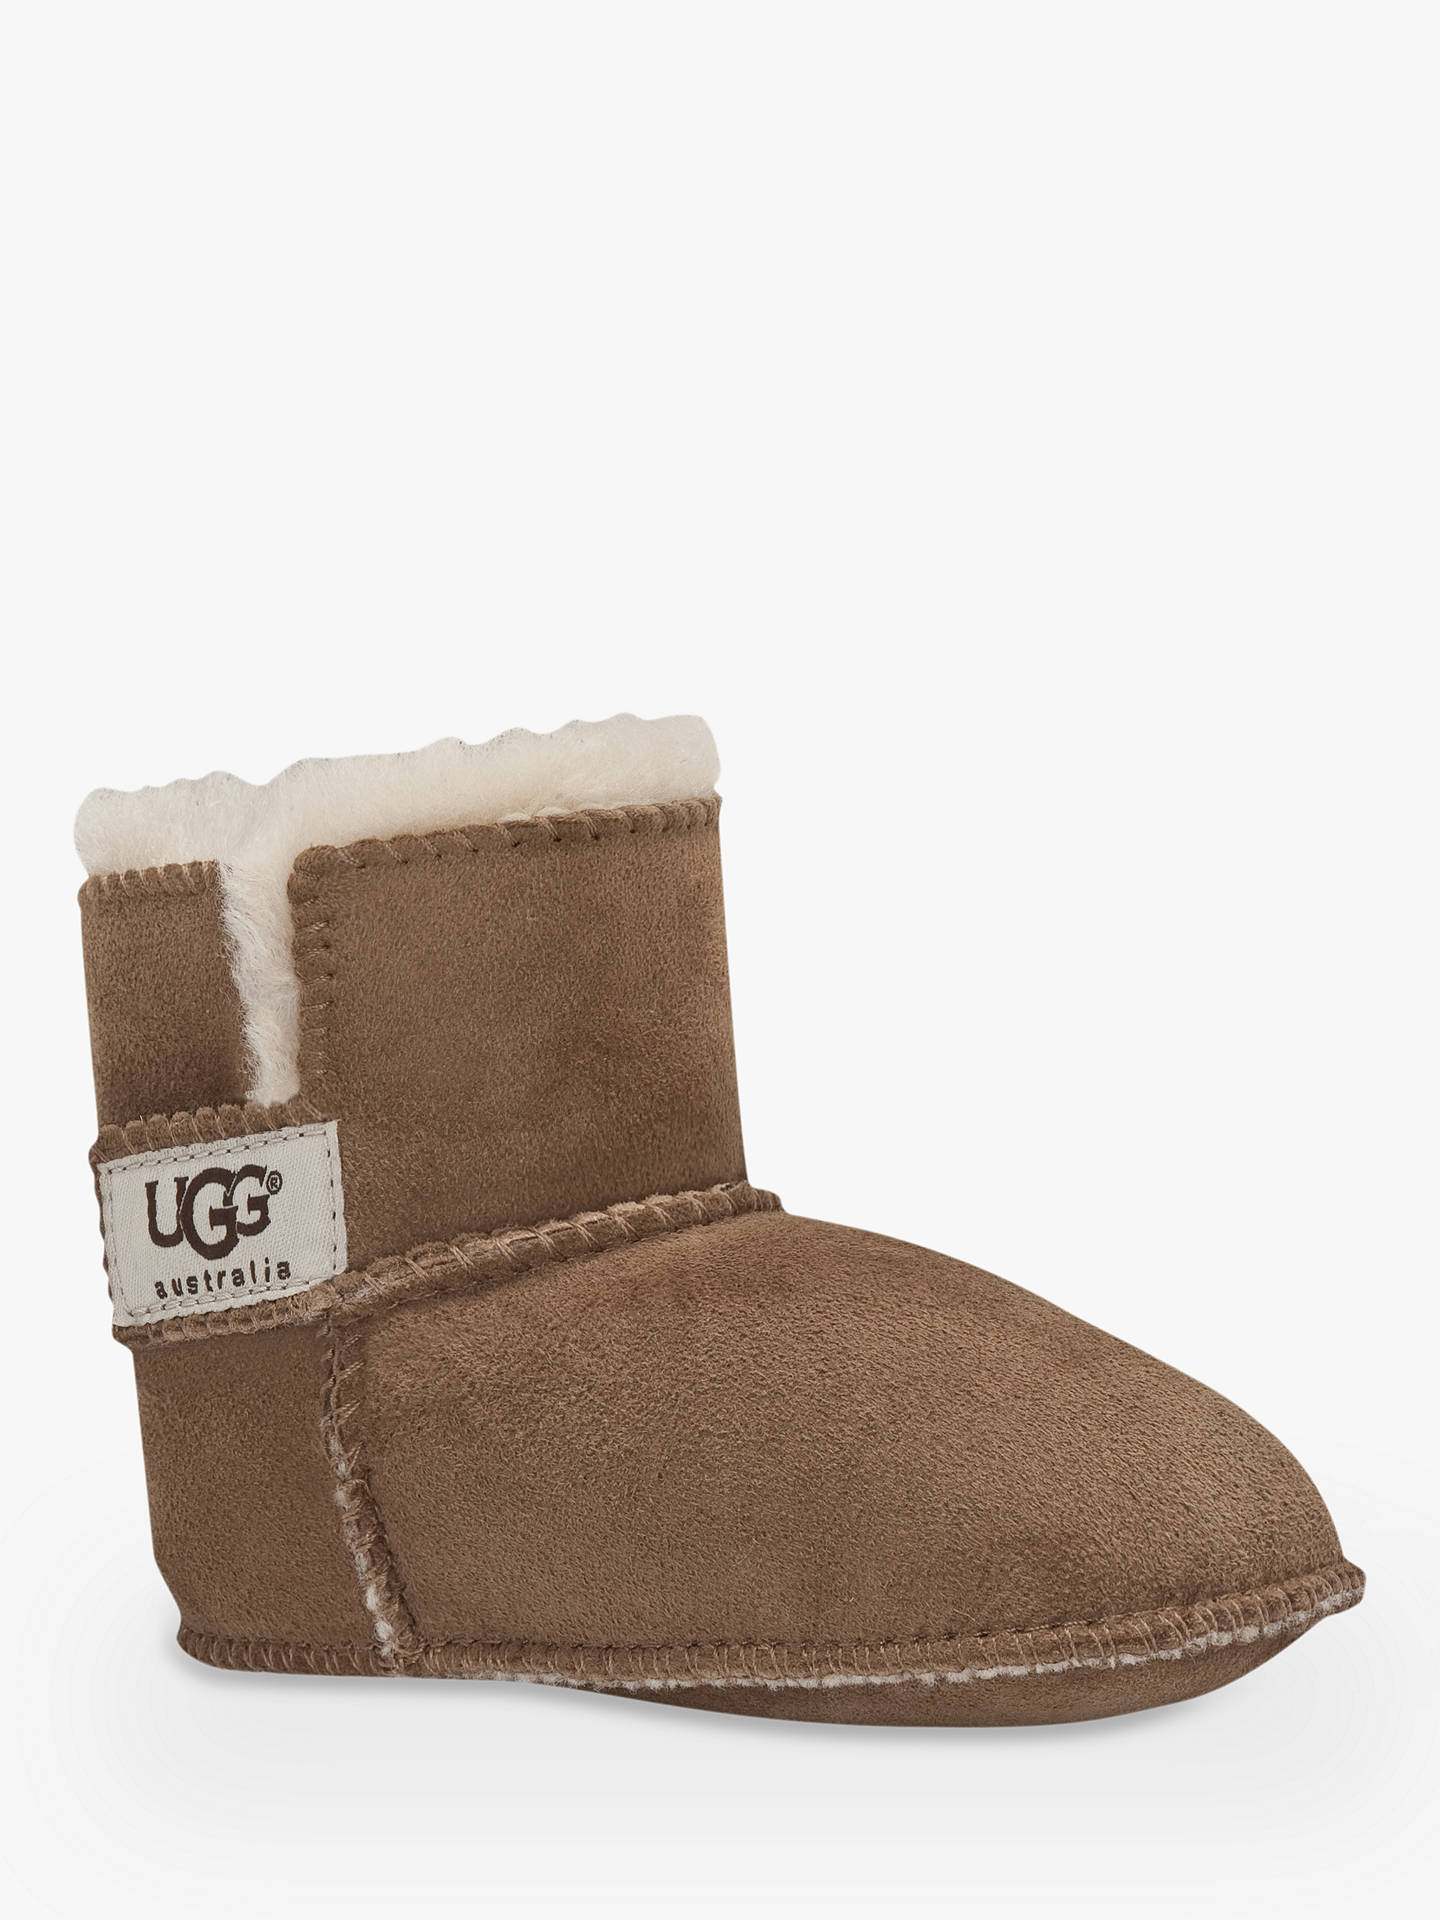 3a017aefc69 UGG Children's Erin Boots, Chestnut